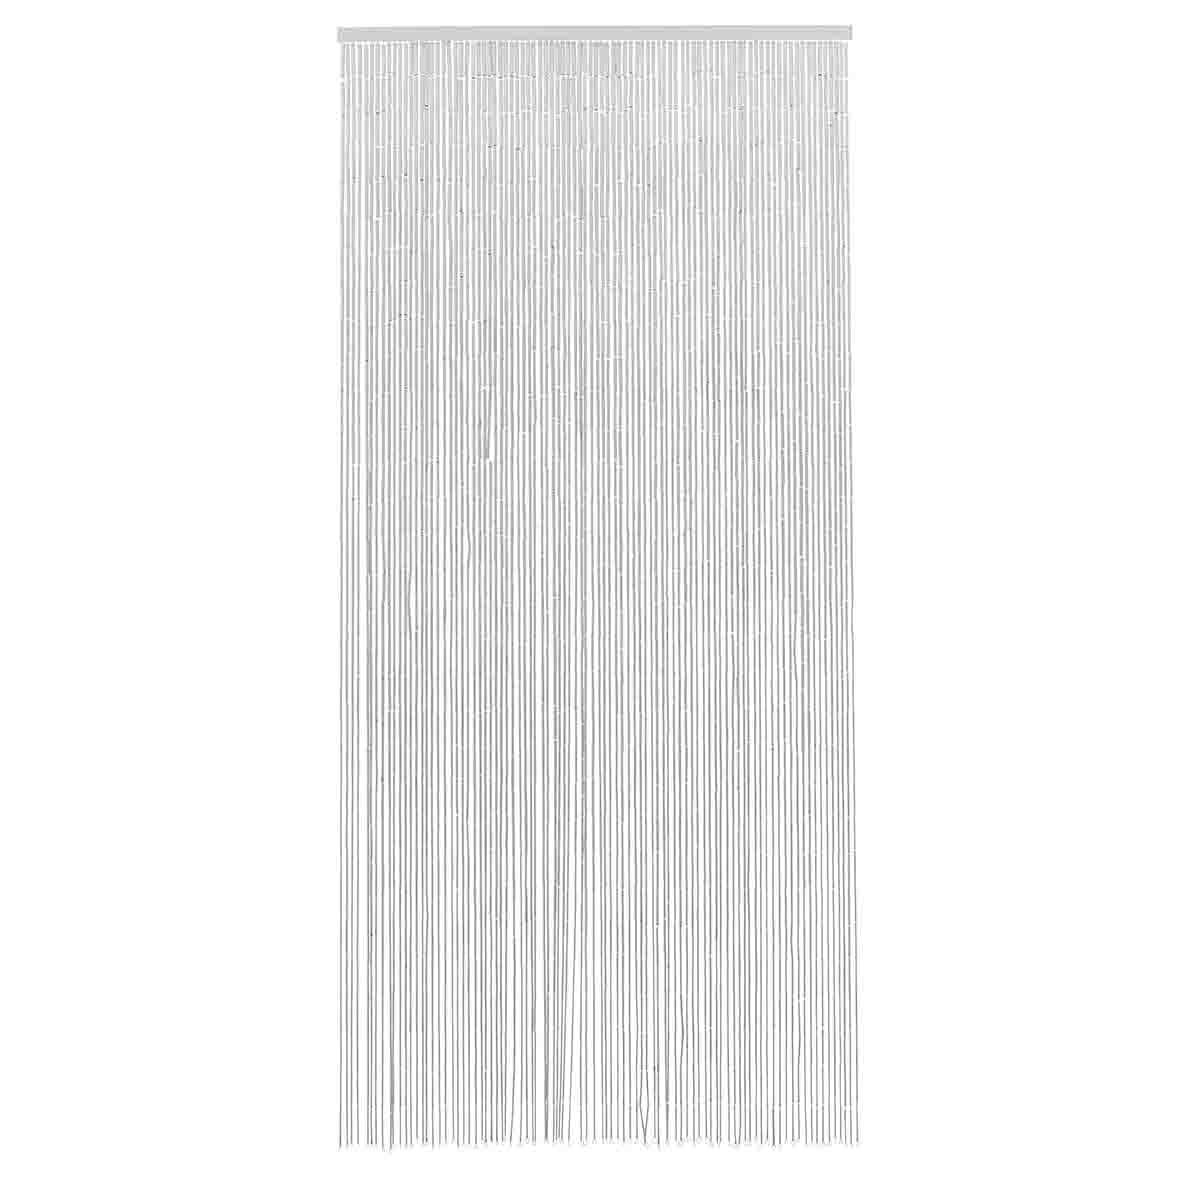 Bambus flueforhæng i hvid fra Nordal.